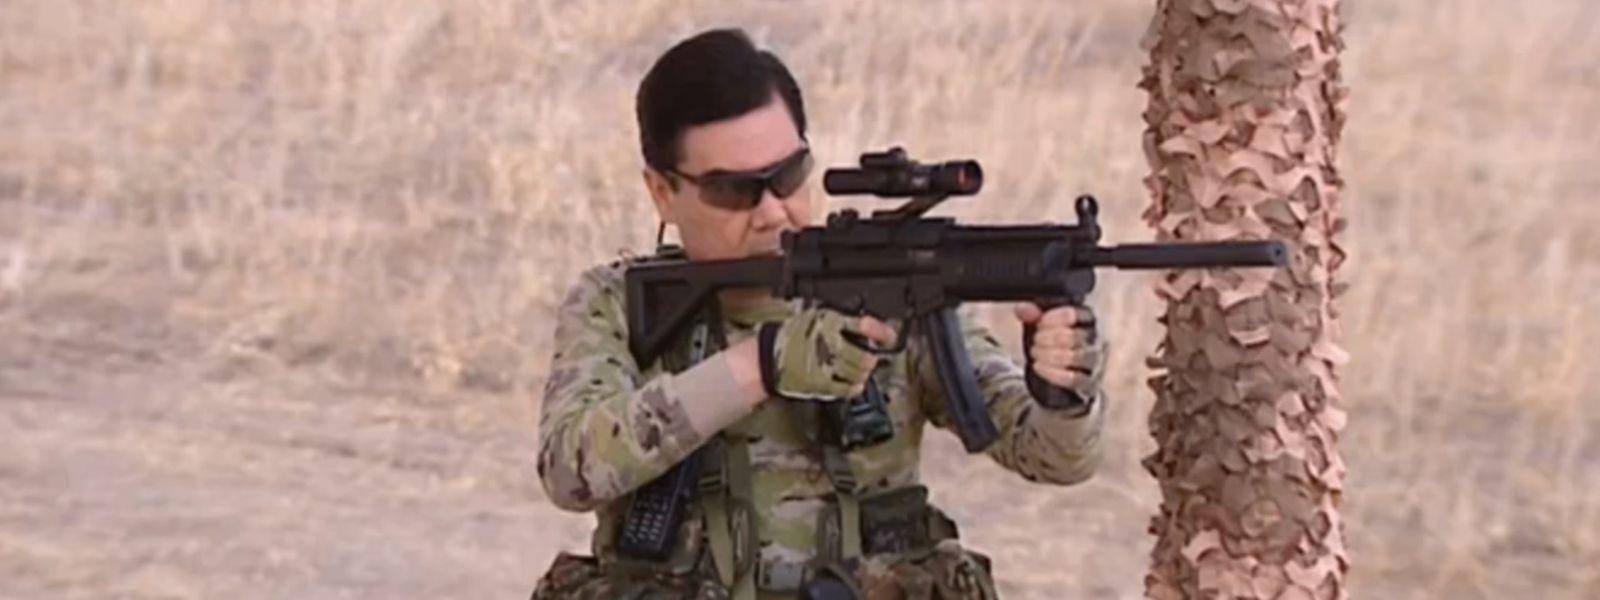 Turkmenistans Präsident Gurbanguly Berdimuhamedow ist nicht zu bremsen.